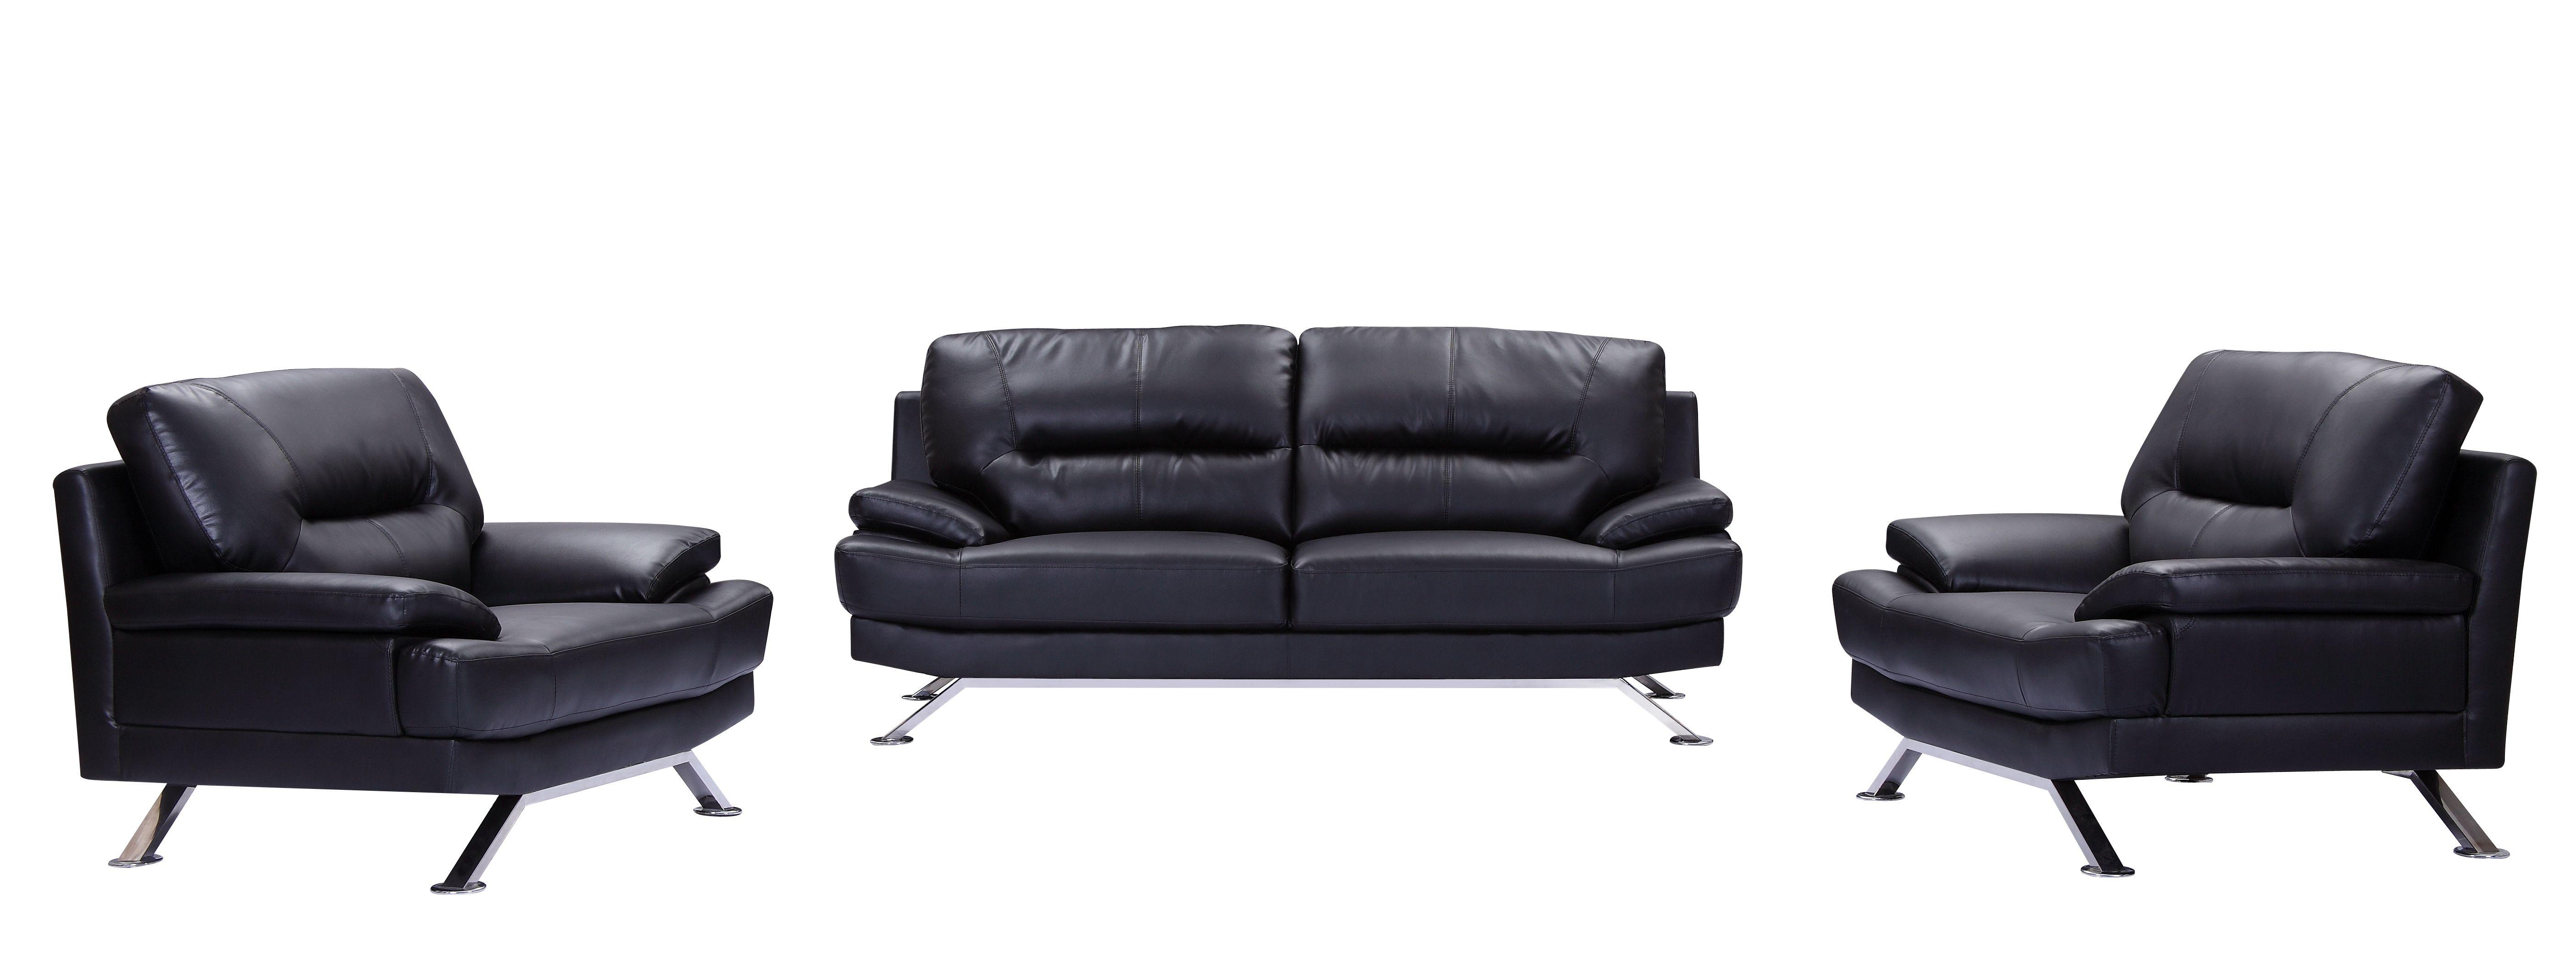 Black Leather Sofa Set 3 2 1 Seater Black Leather Sofa Set Sofa Styling Leather Sofa Set Black Fabric Sofa